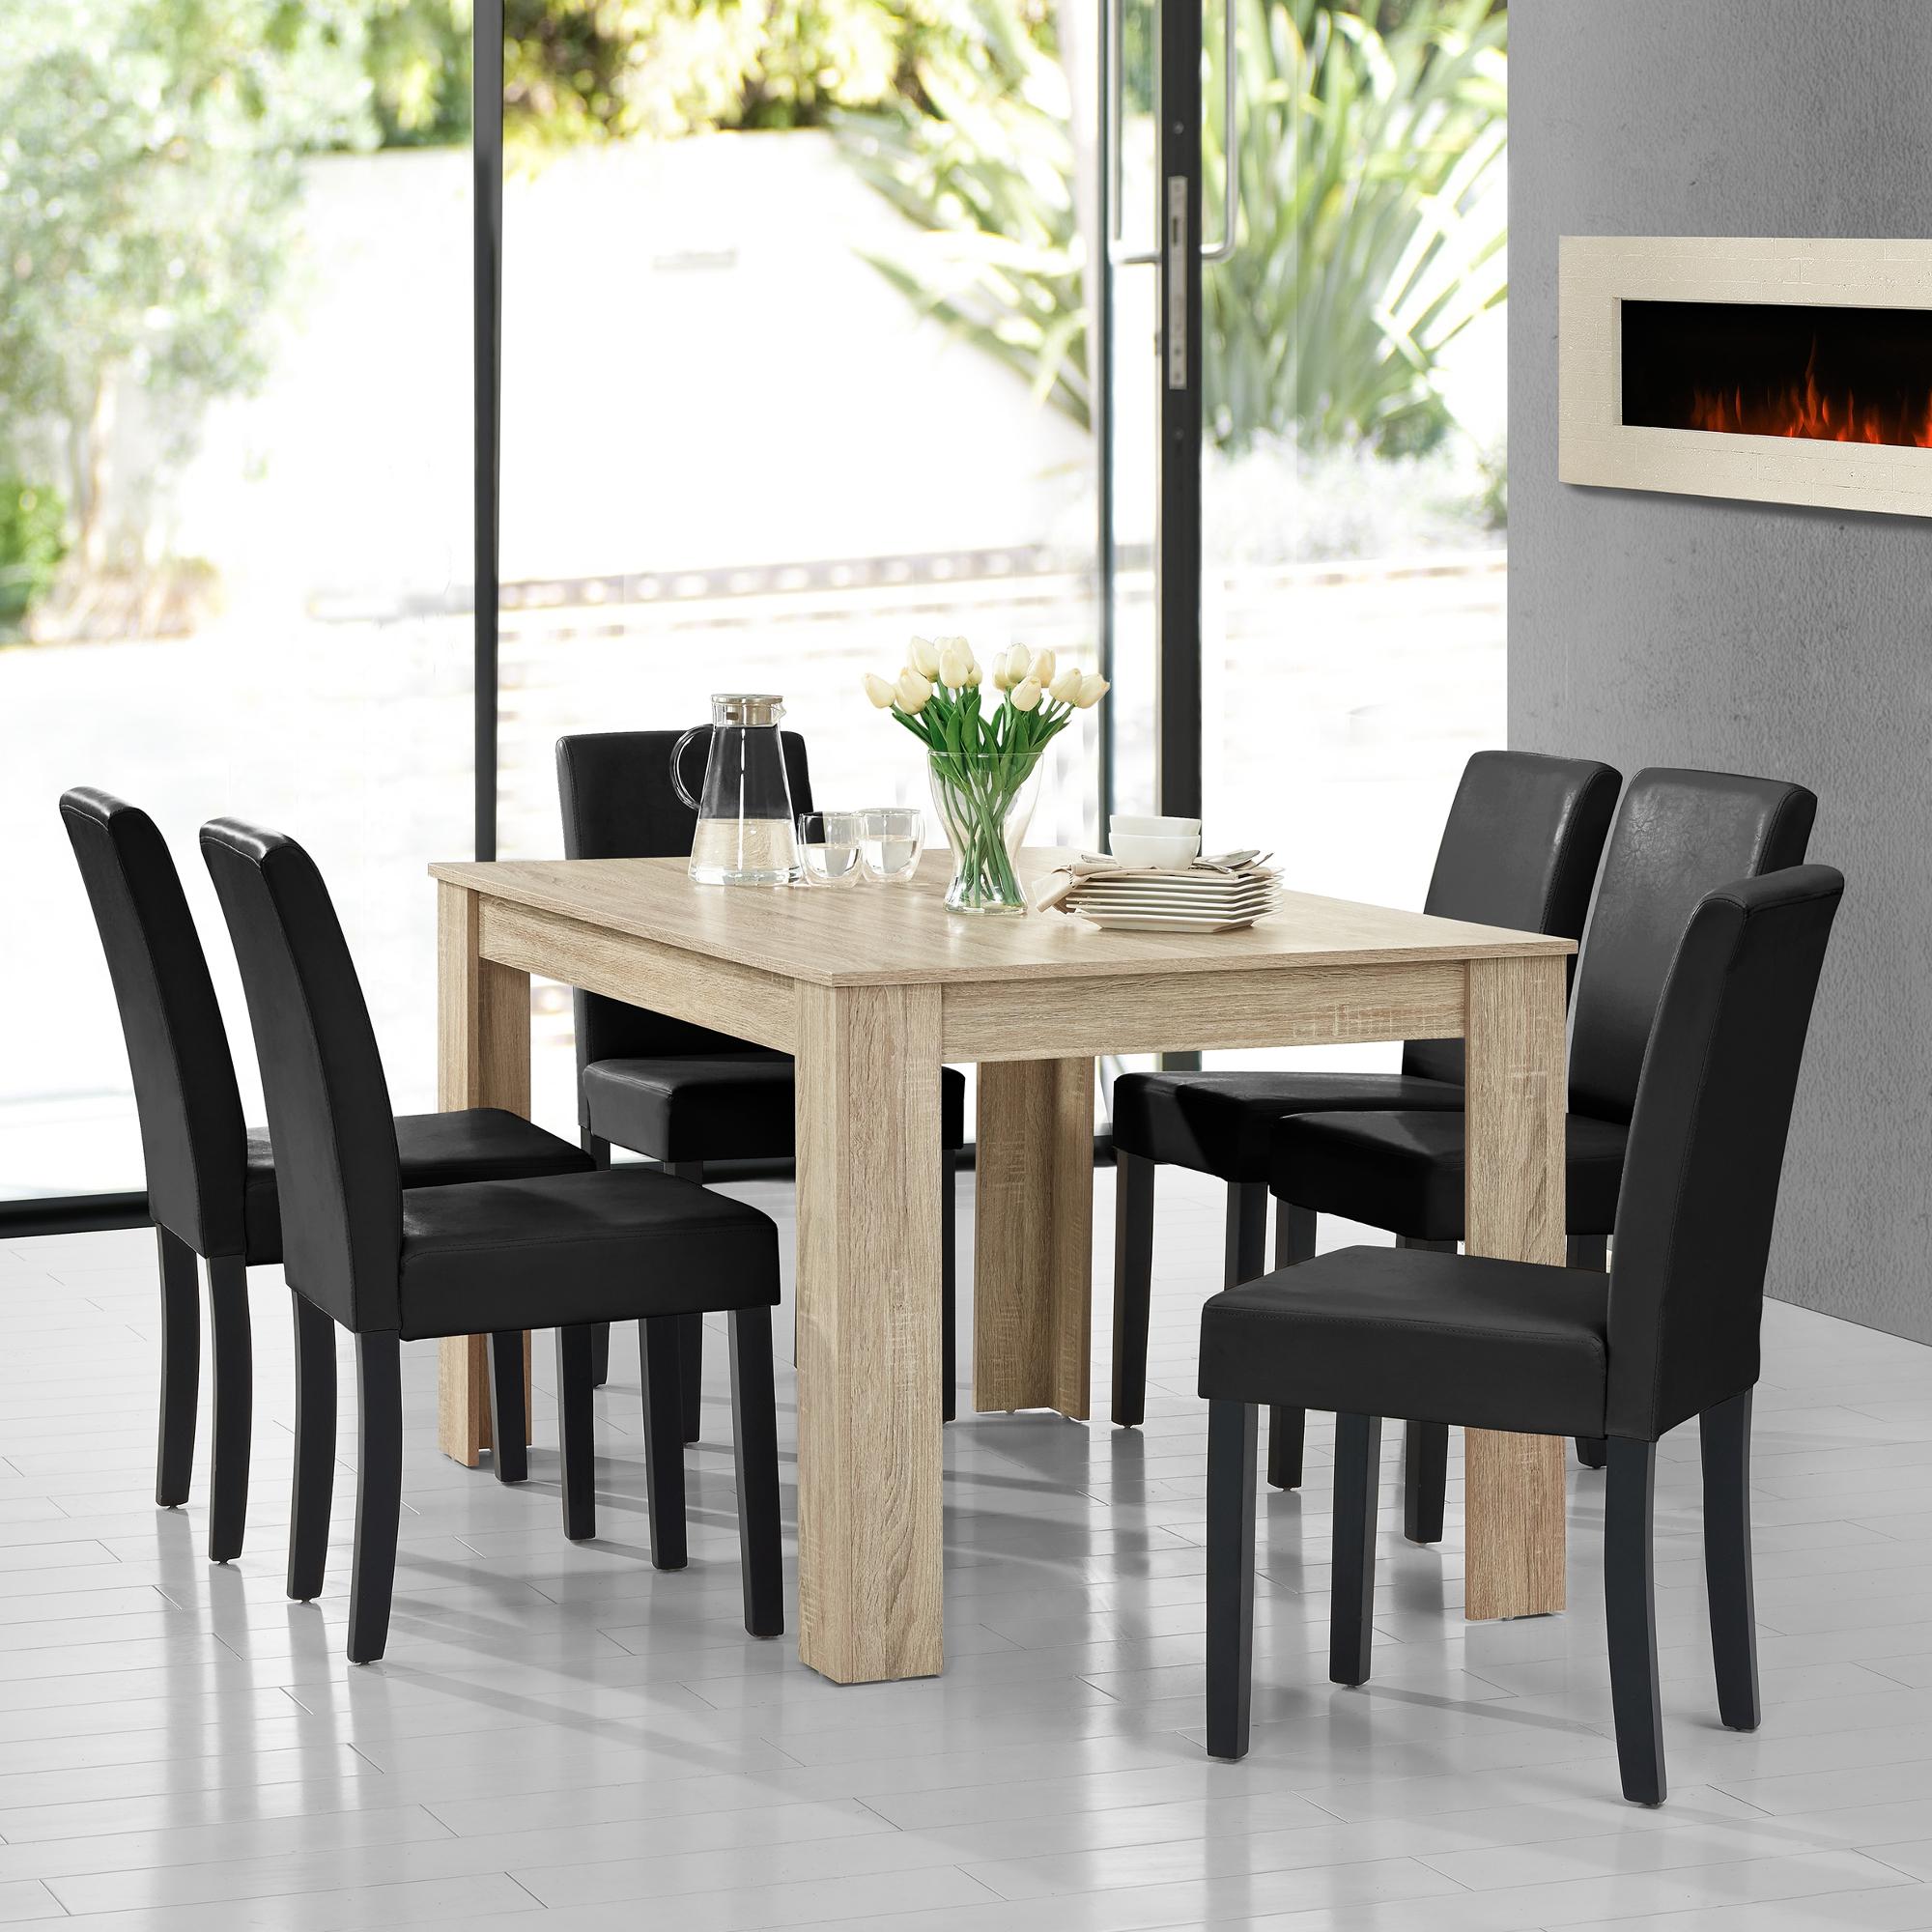 [en.casa] Moderner Esstisch Tisch Esszimmer Küchentisch Retro Rund Eckig  Eiche | EBay